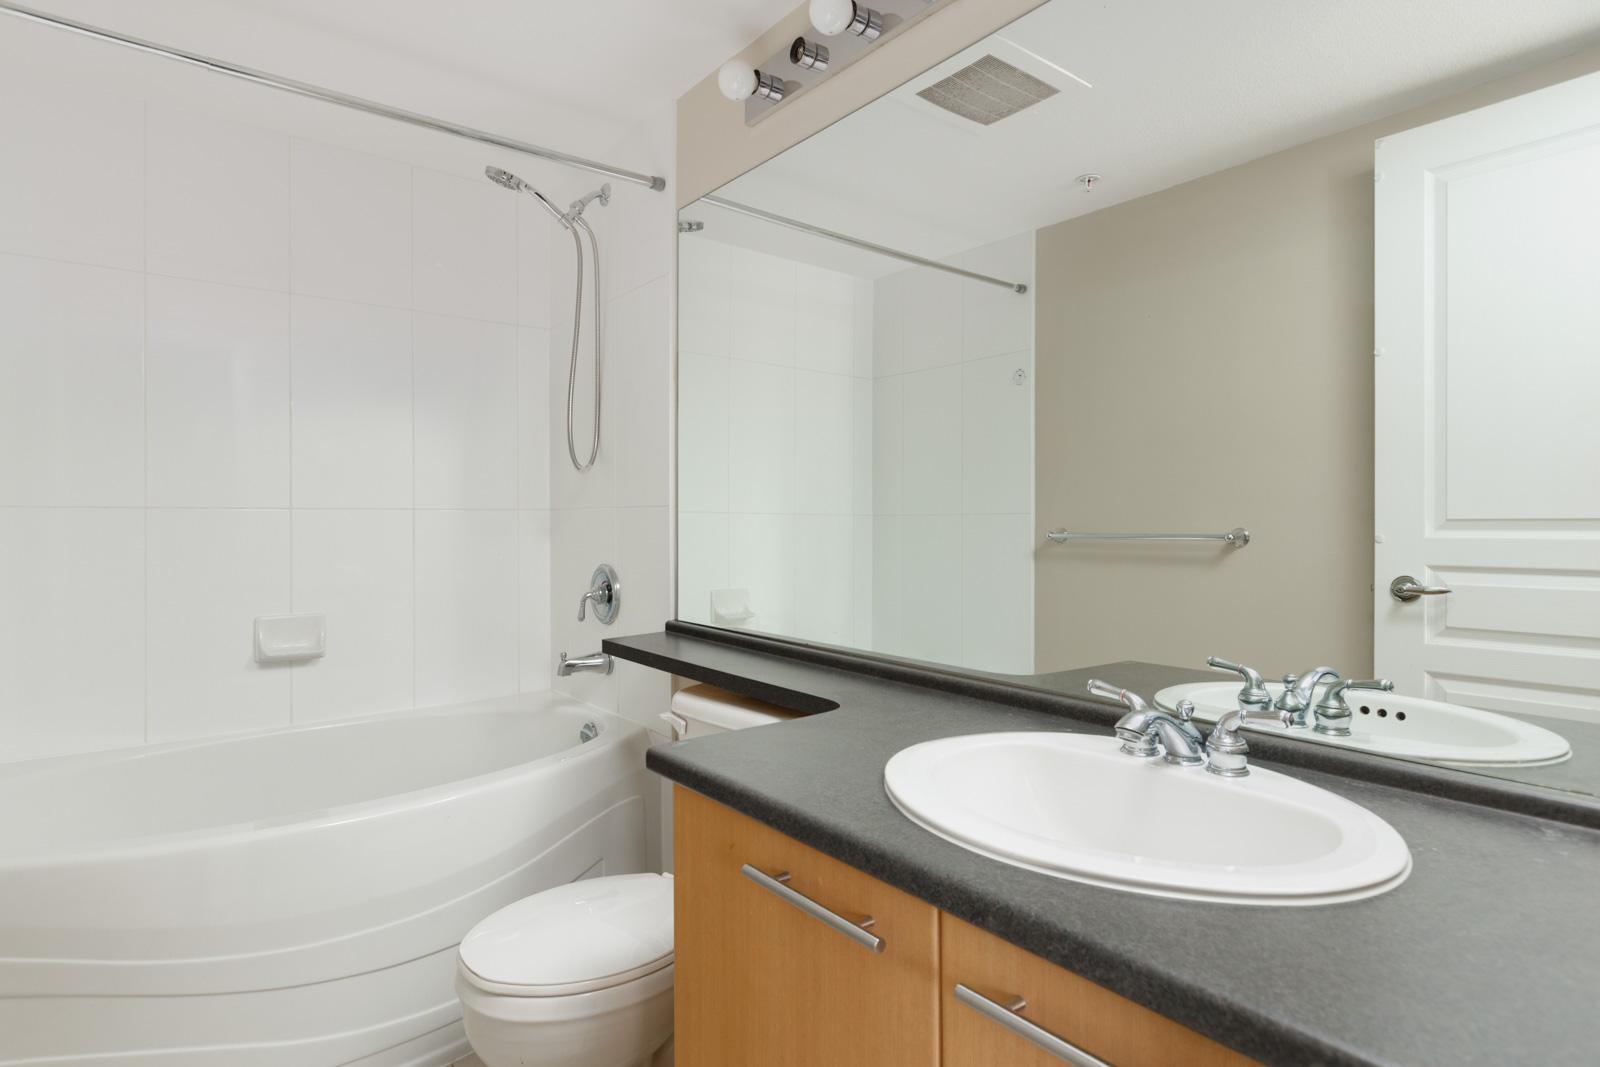 bathroom with wash basin mirror and bathtub